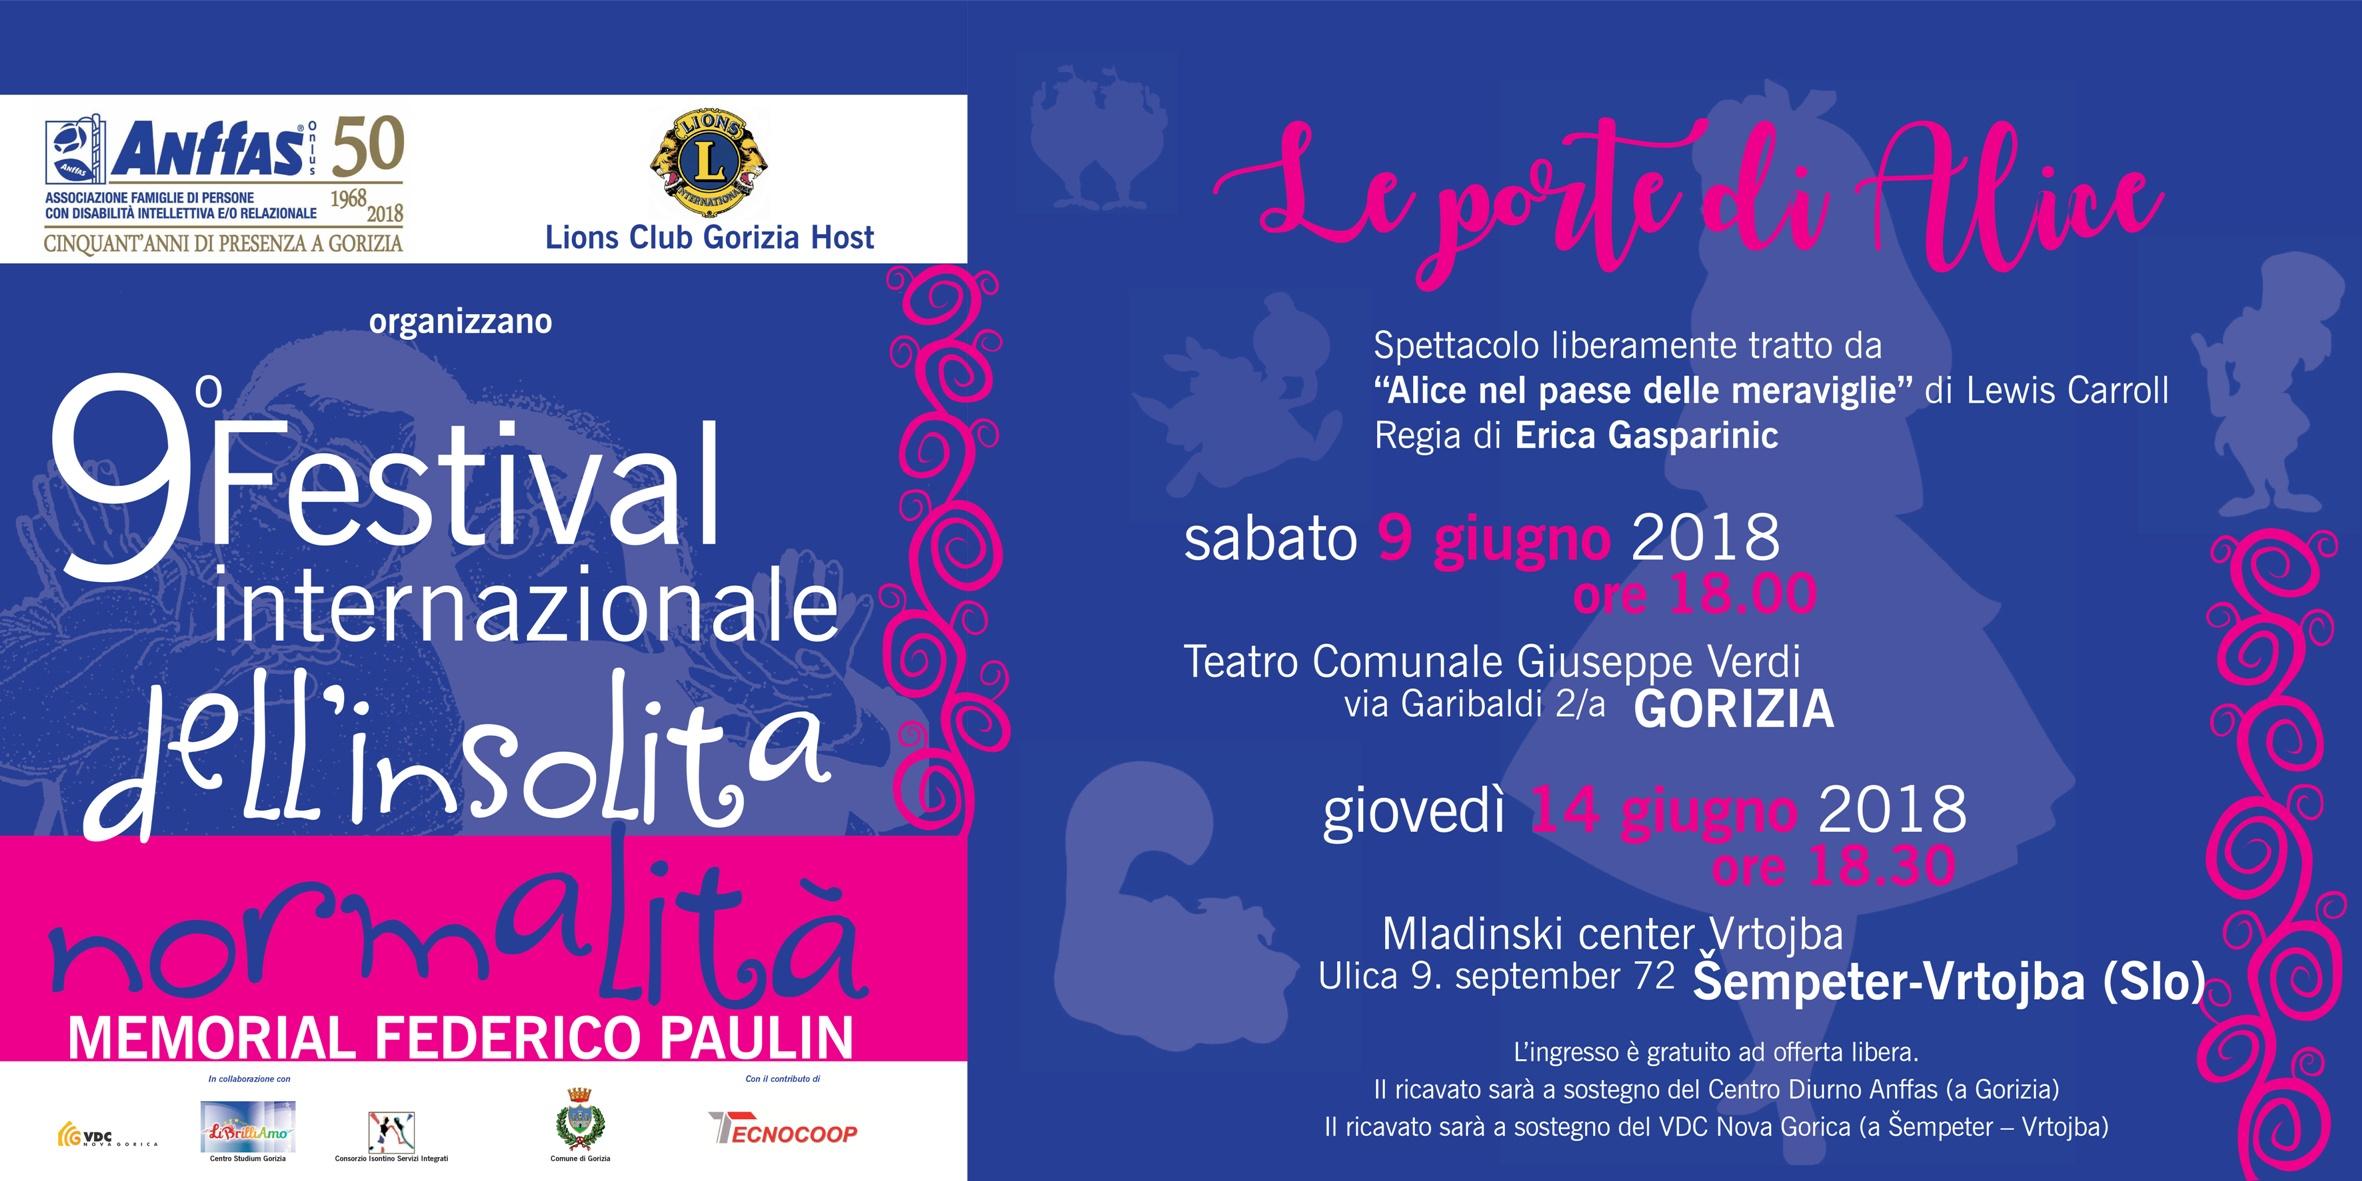 9° Festival Internazionale dell'Insolita Normalità - Memorial Federico Paulin